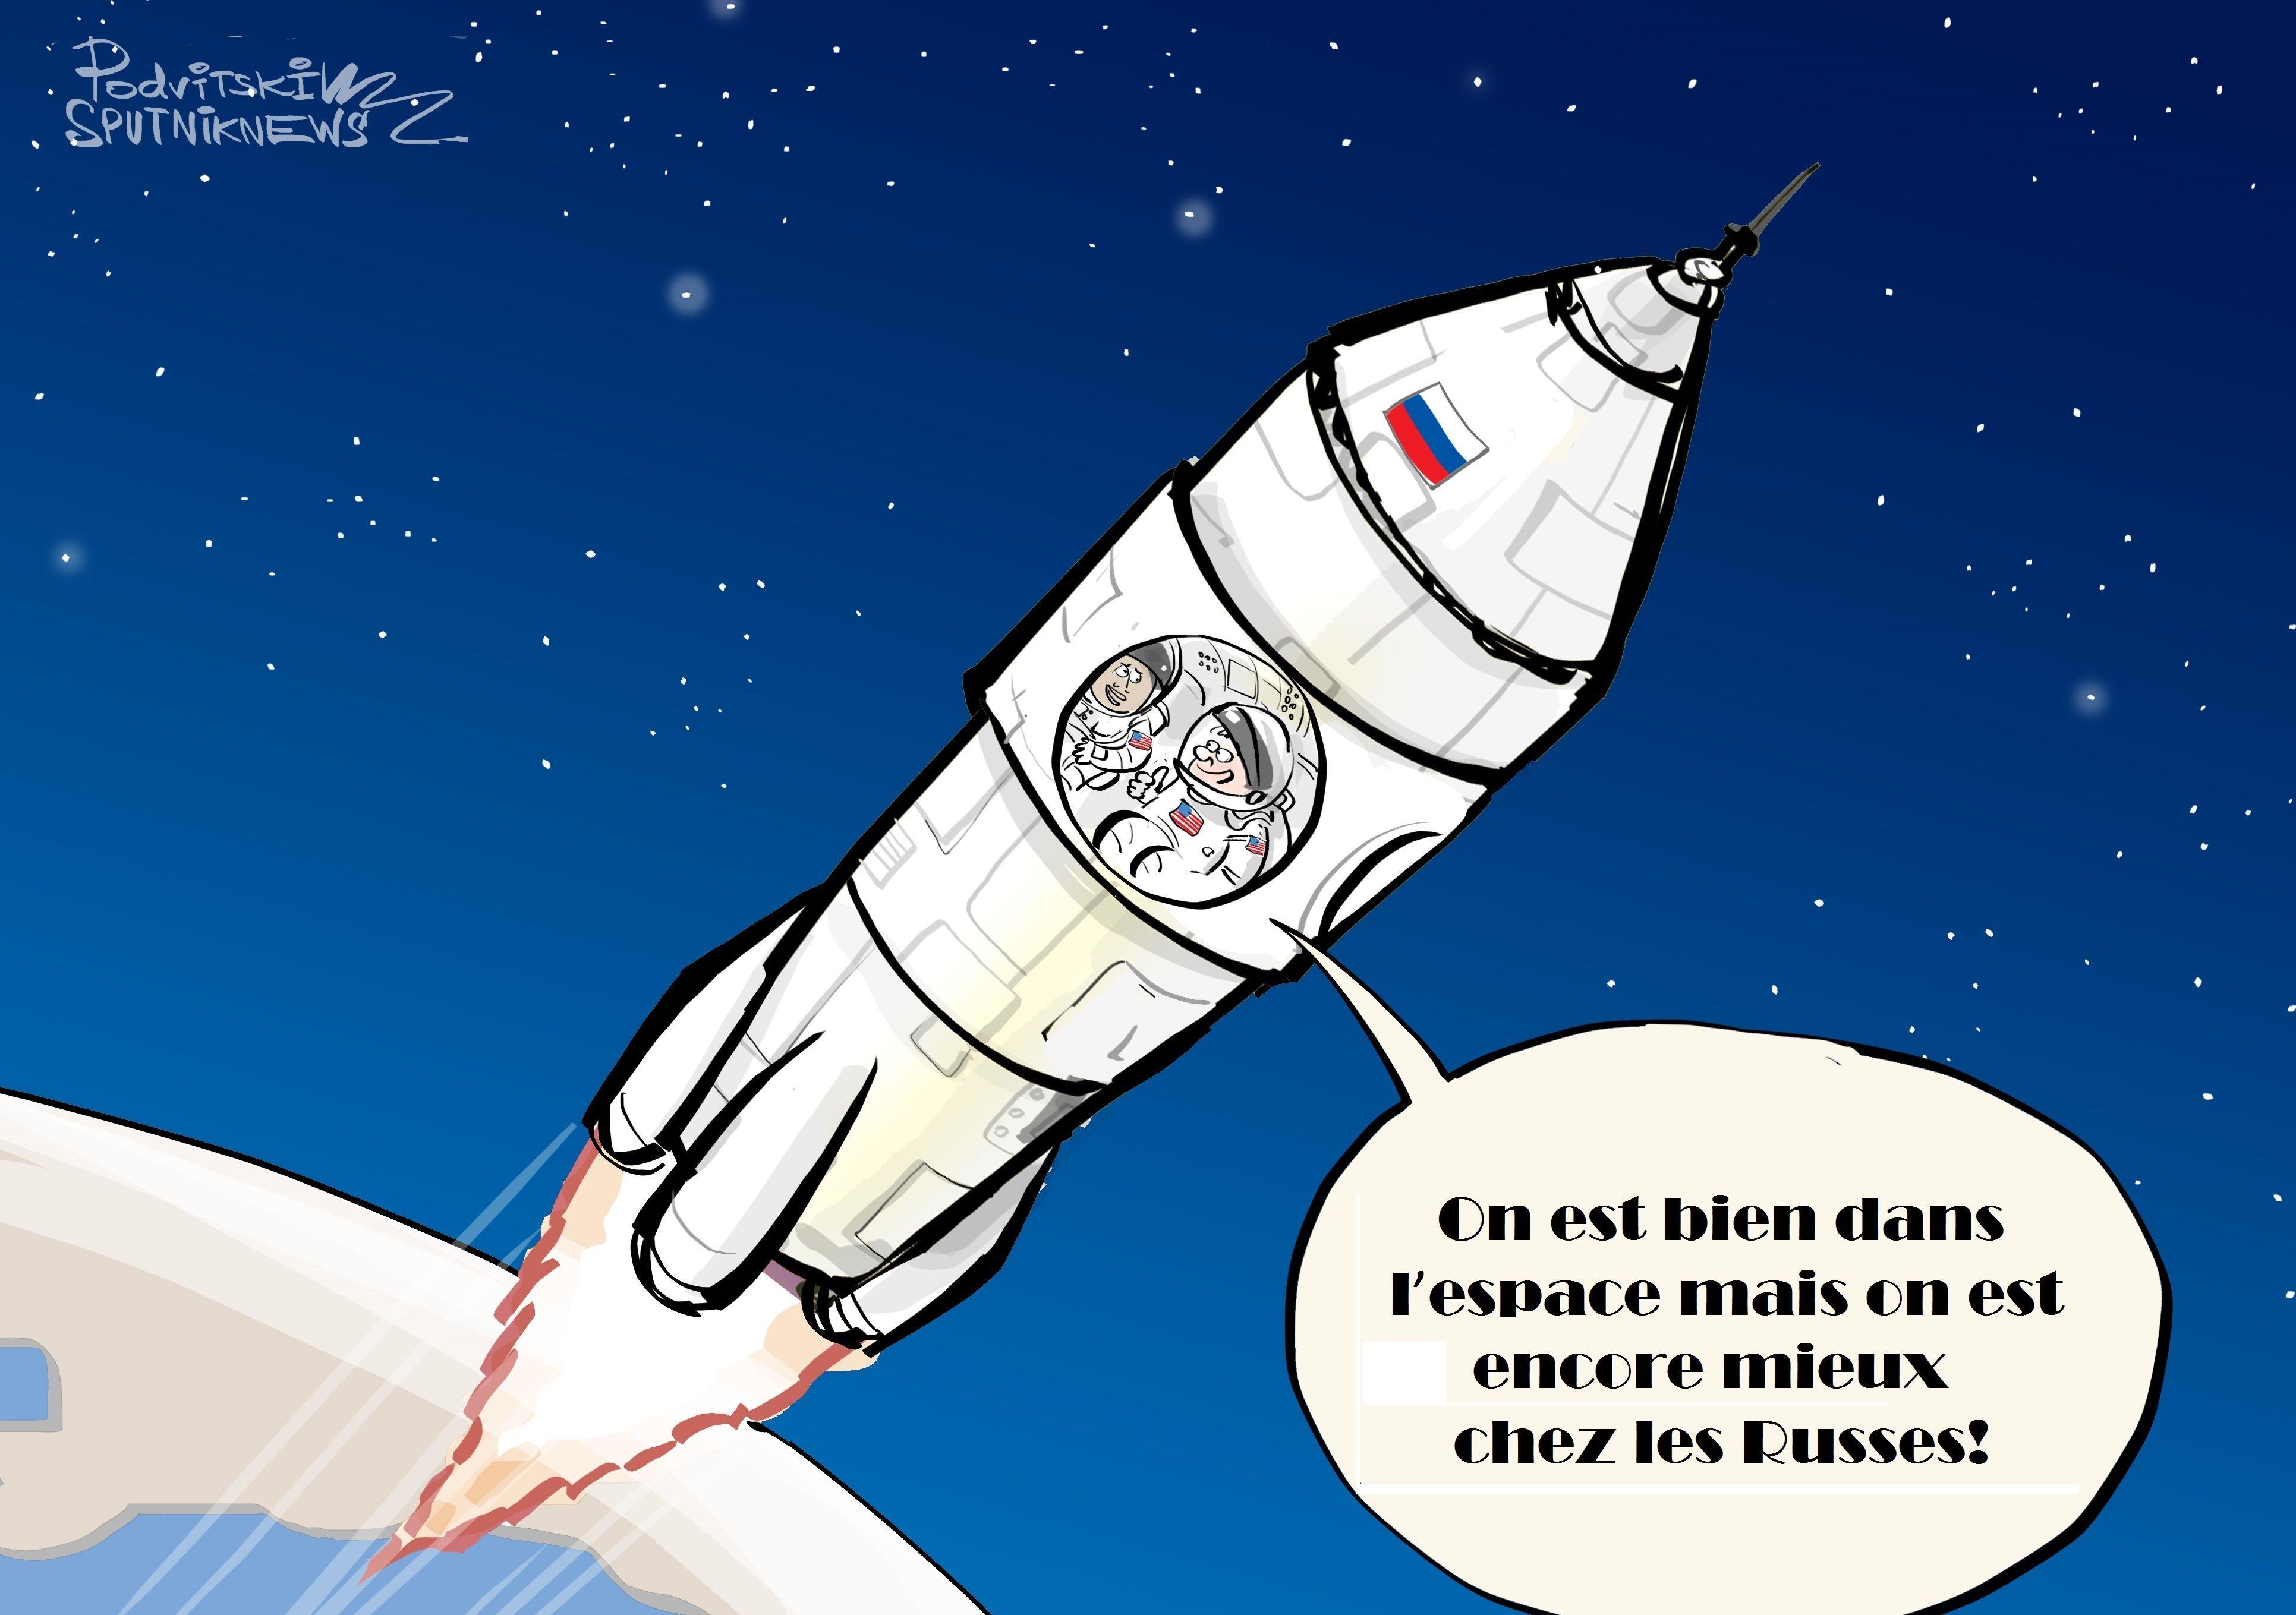 Les Américains préfèrent voler à bord de vaisseaux spatiaux russes